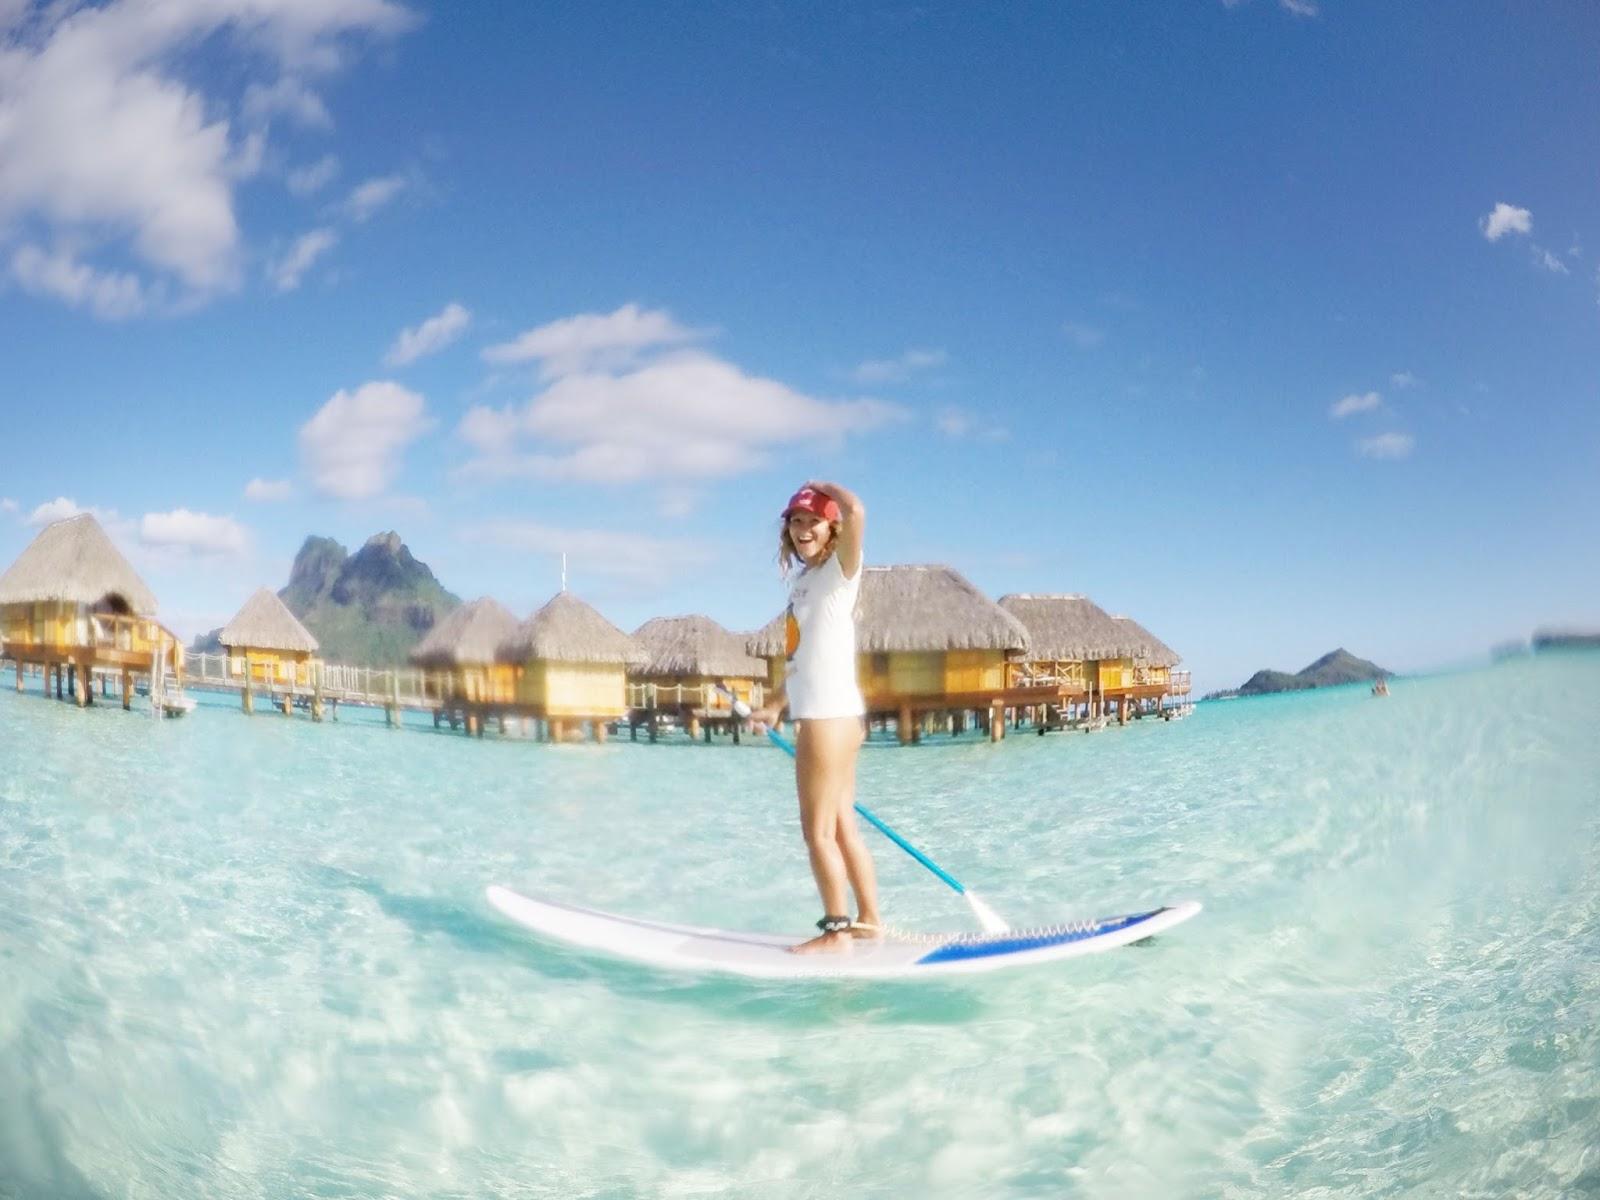 Bora Bora peddle boarding